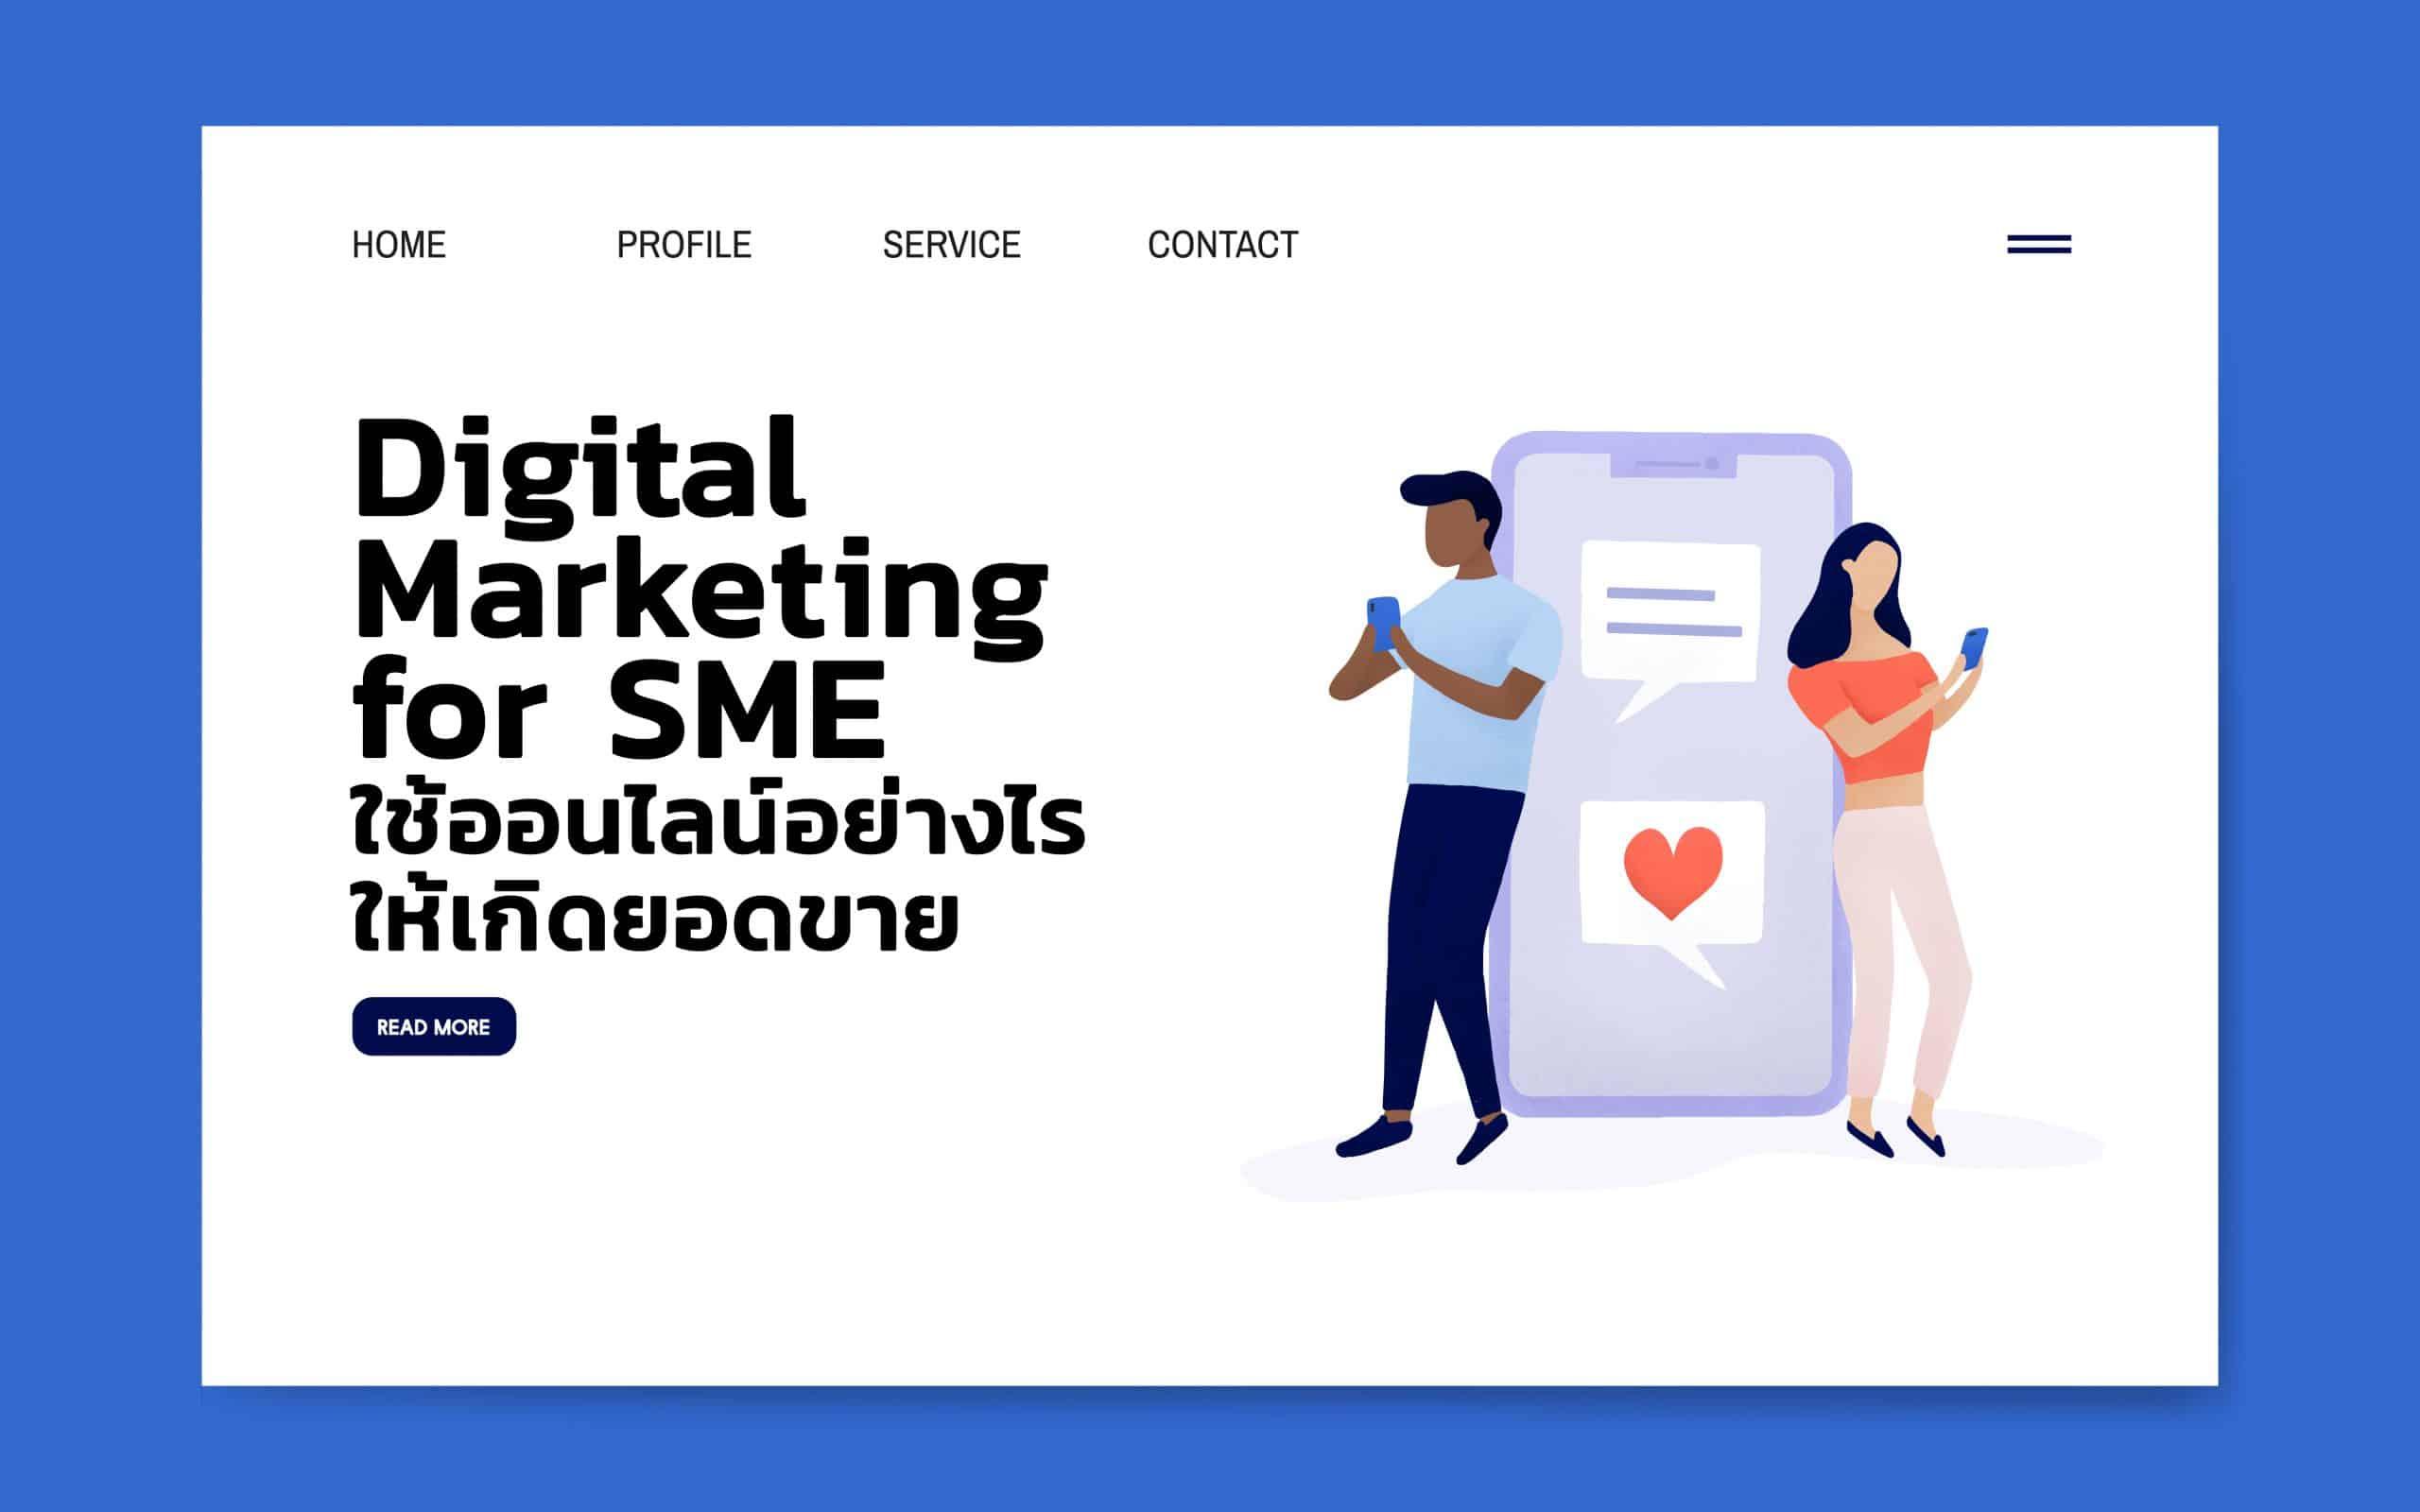 SME ต้องปรับตัวกับการขายออนไลน์อย่างไร เพื่อนำไปใช้กับธุรกิจได้จริง